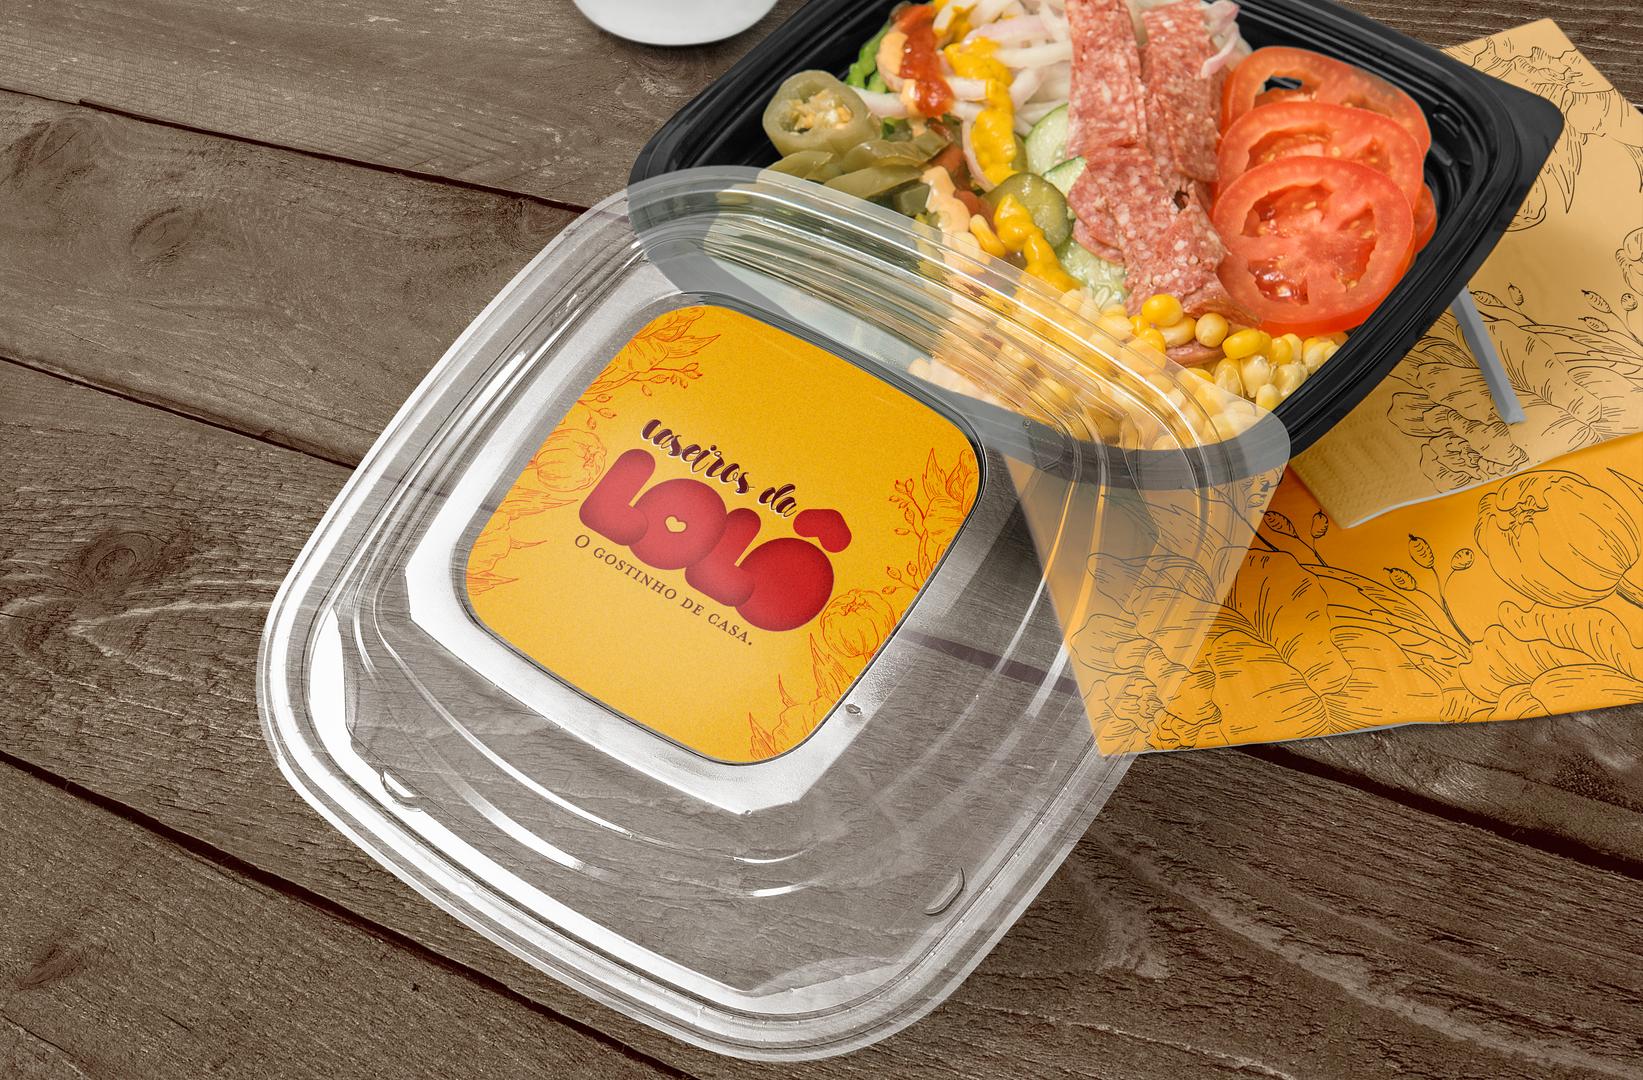 Pote de salada.png